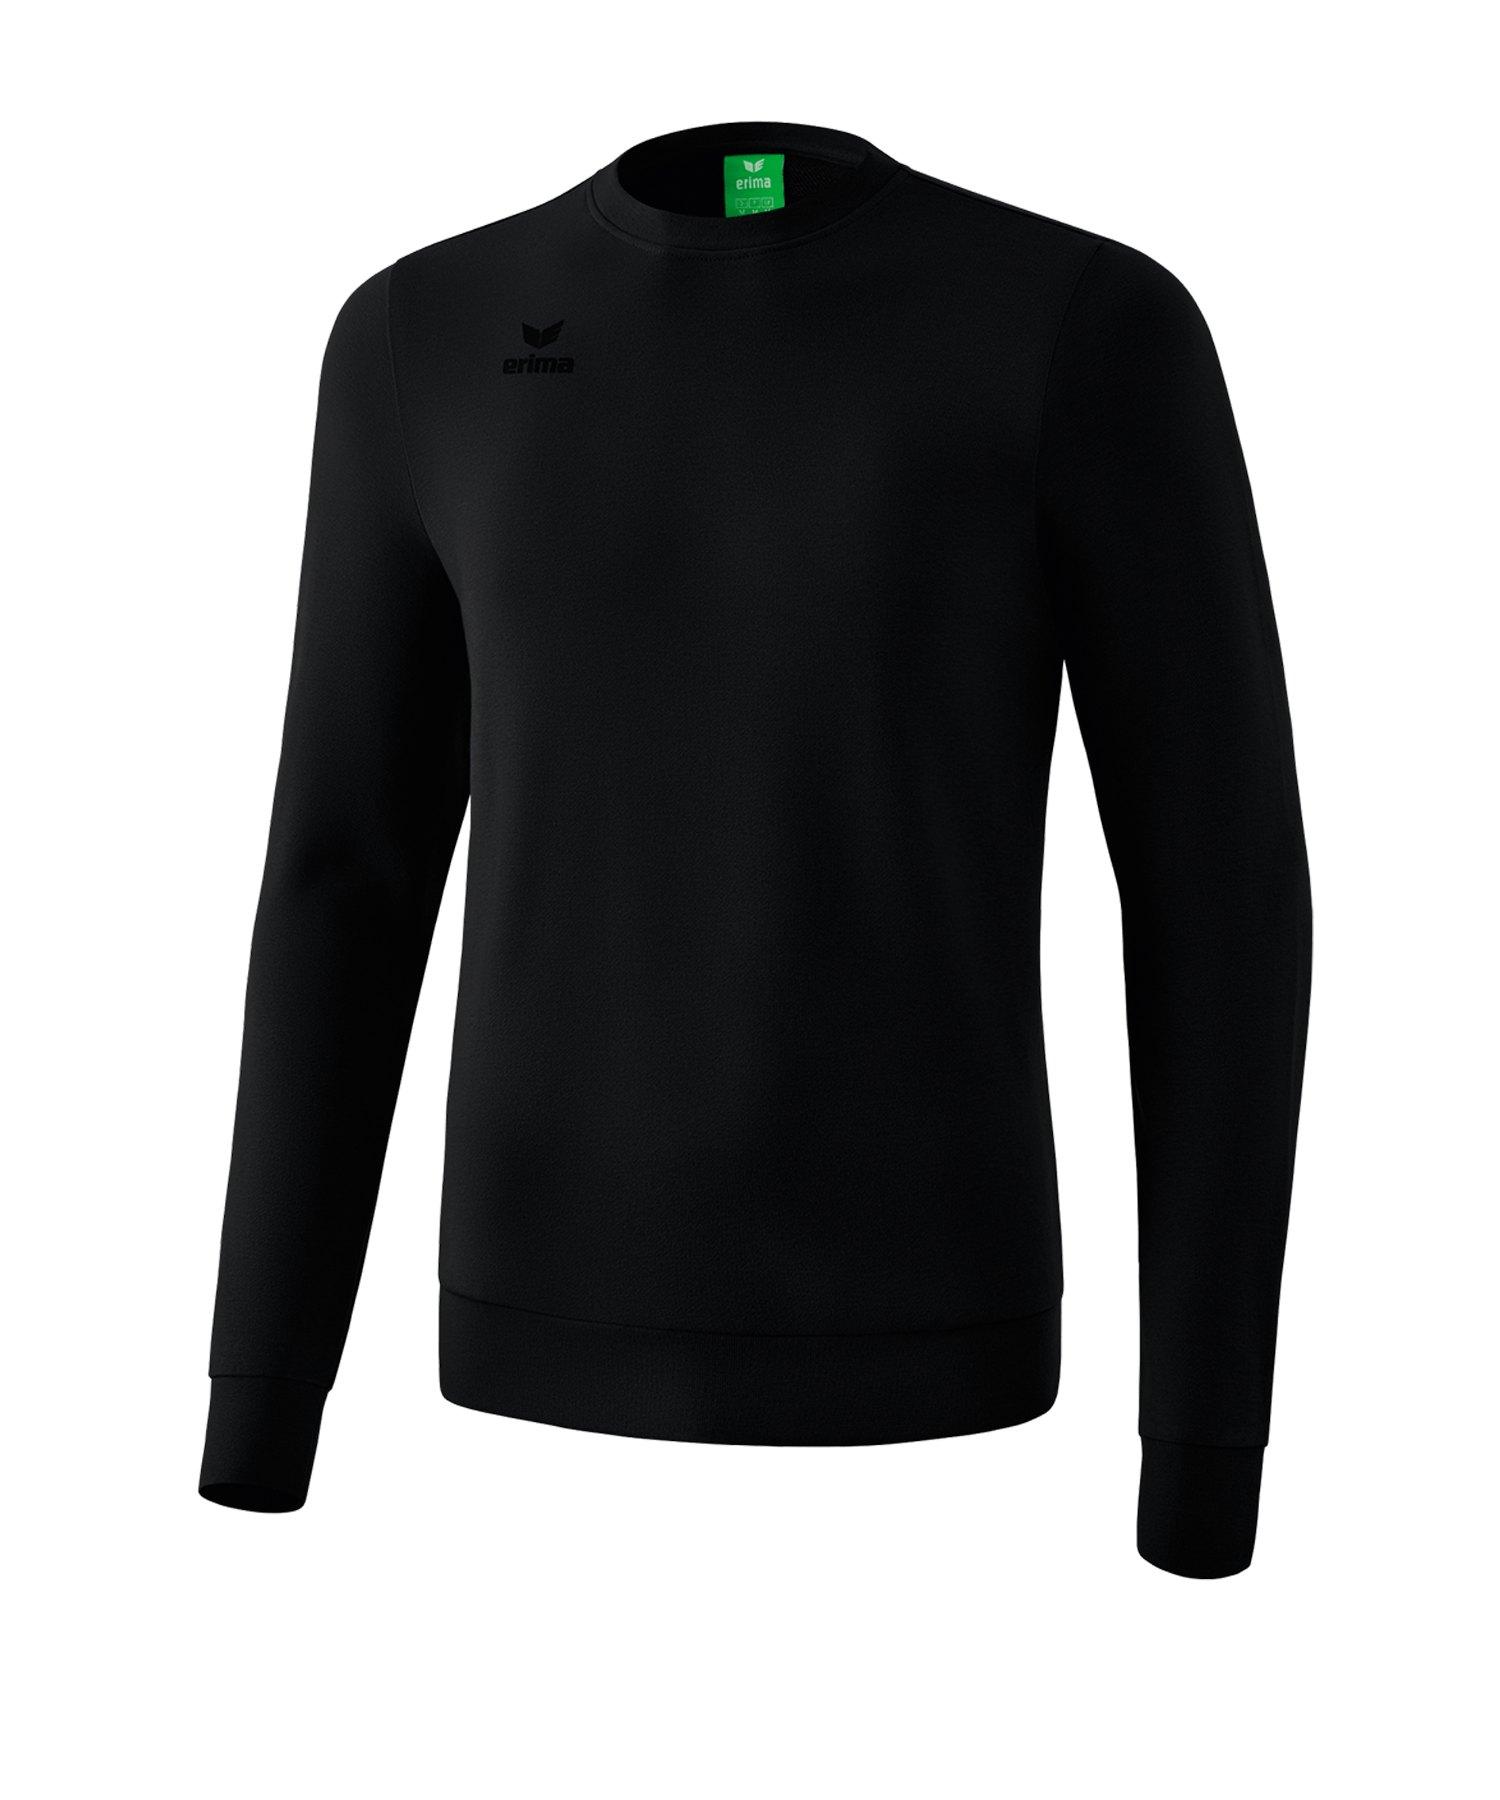 Erima Basic Sweatshirt Schwarz - schwarz